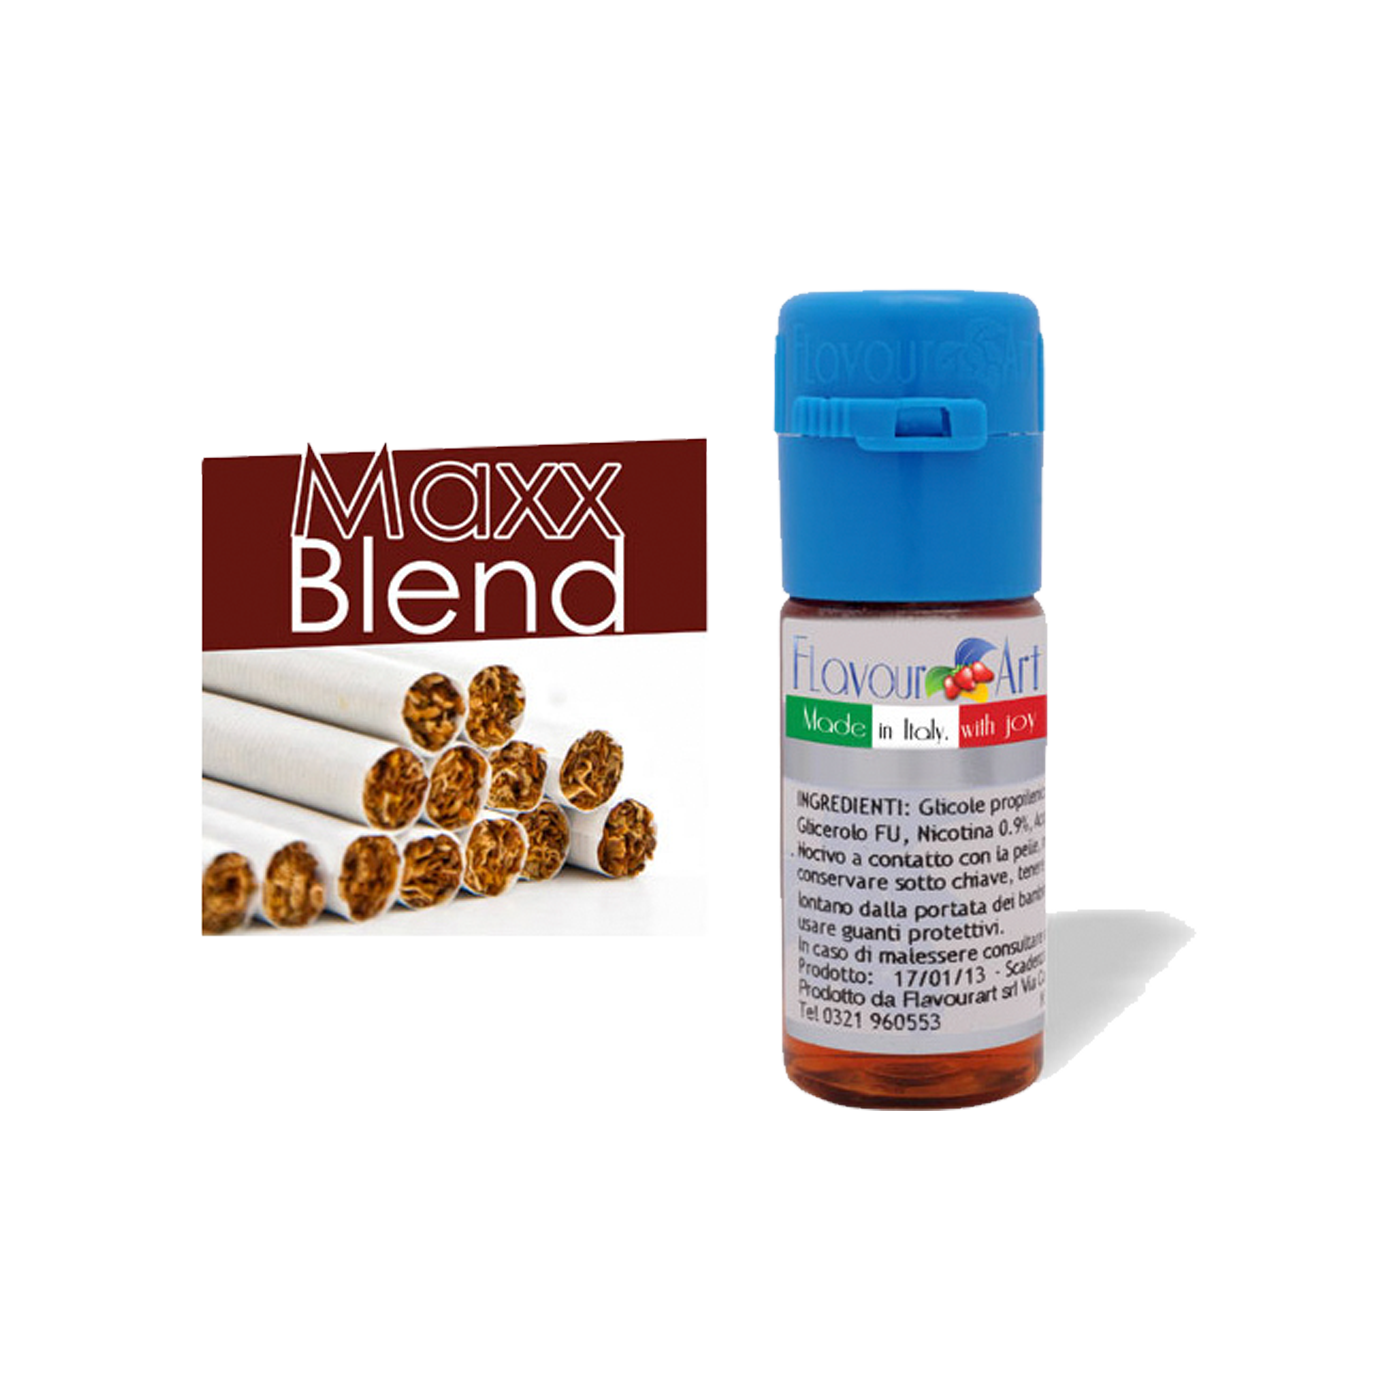 Tekućina za e-cigarete, Maxx Blend 18mg